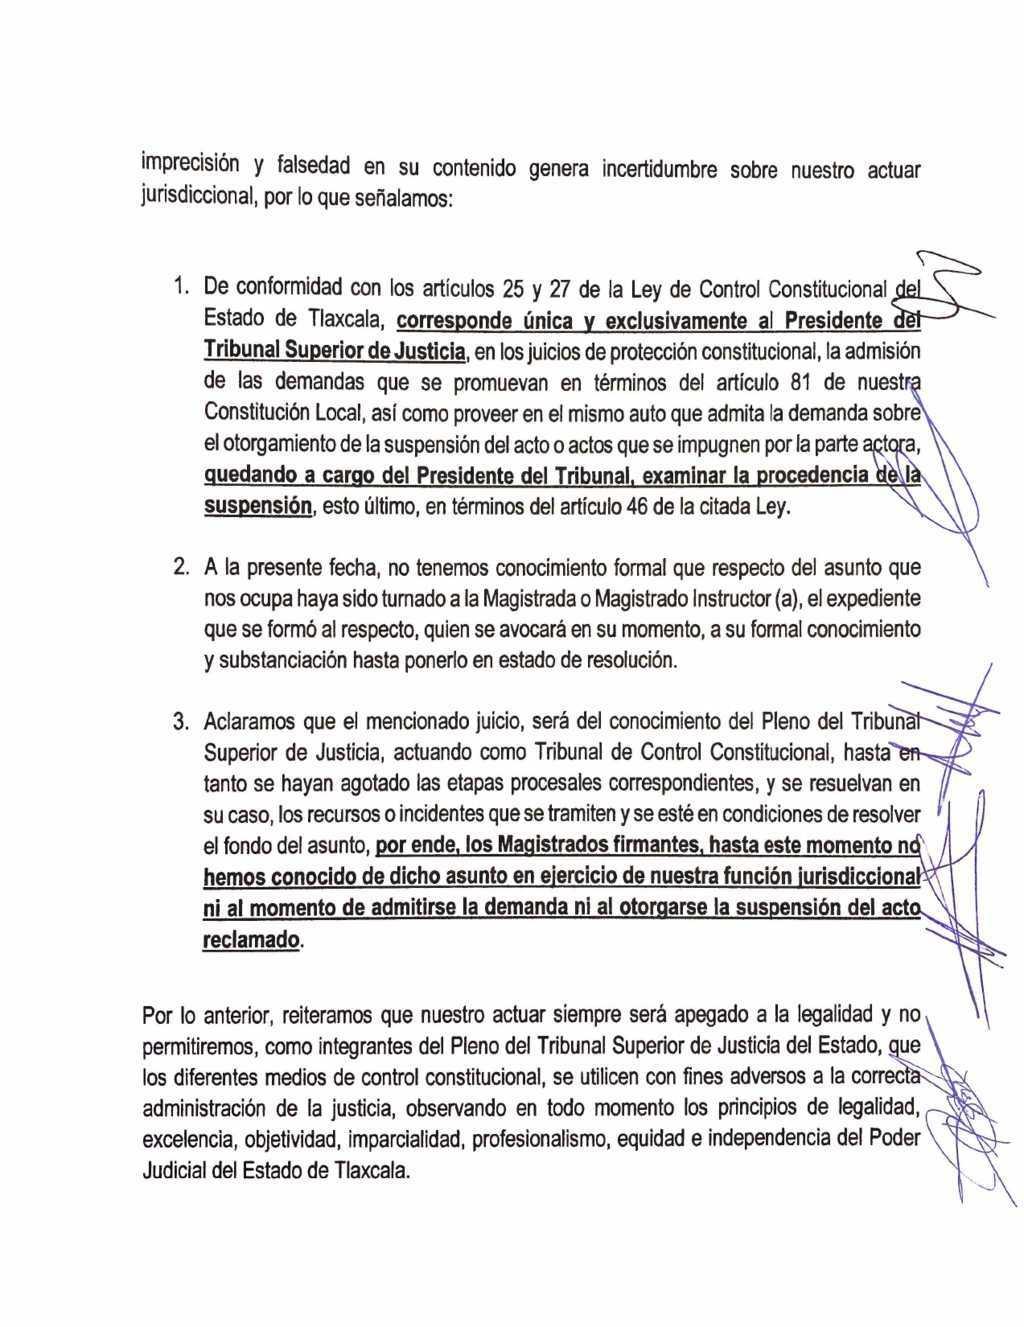 Magistrados del TSJE no se han pronunciado por el caso del presidente de la CEDH